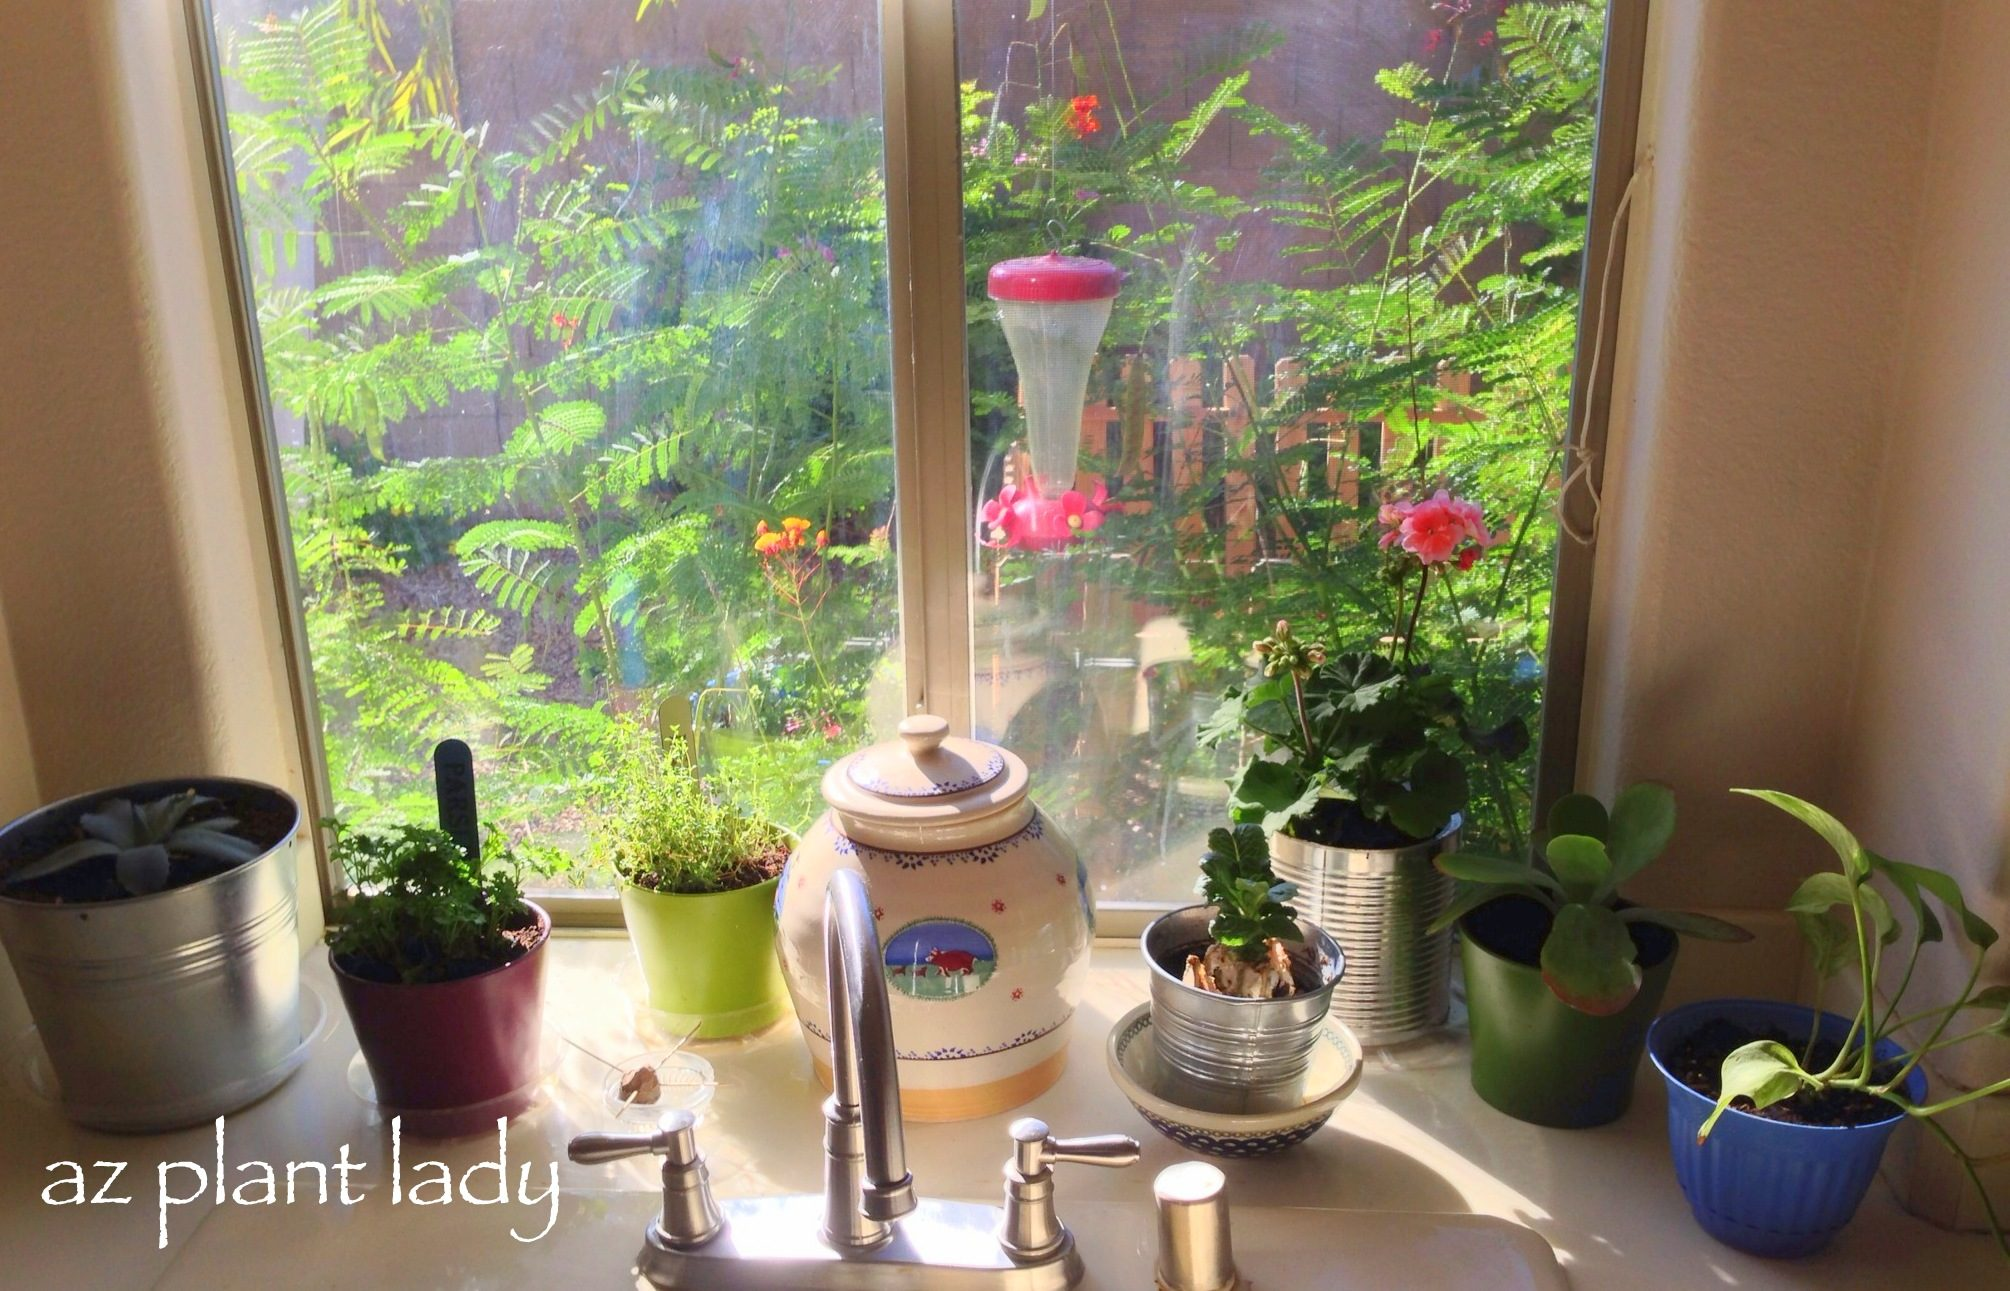 Sneak Peek At Indoor Winter Gardening Projects Birds